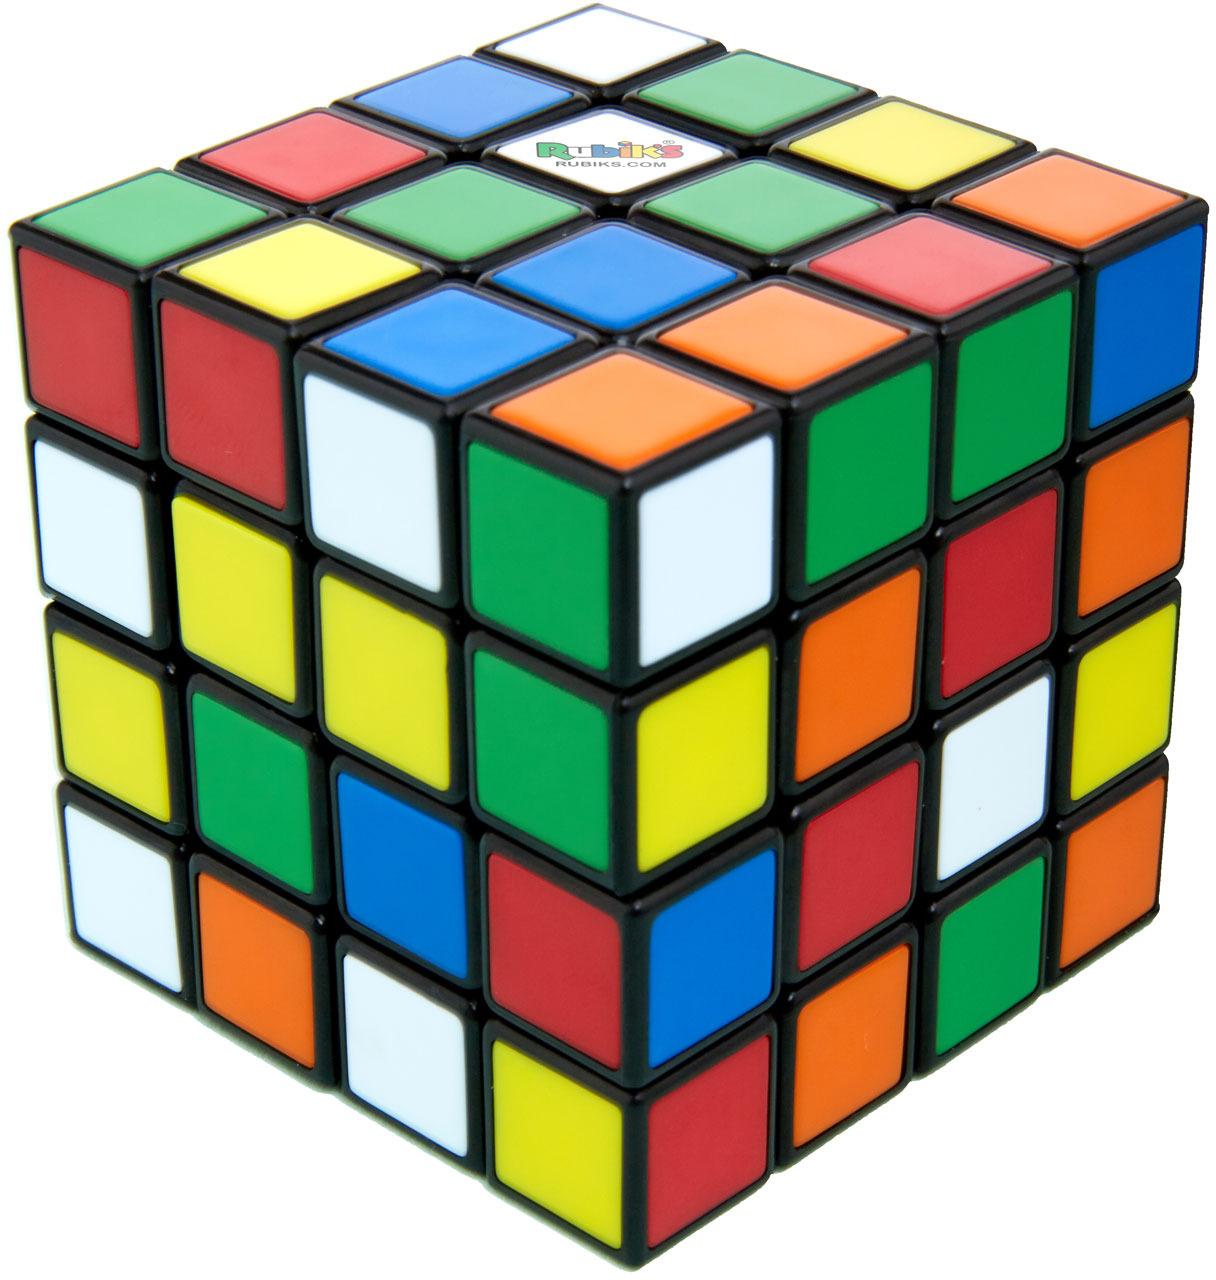 Rubik's Головоломка Кубик Рубика dian sheng кубик рубика для соревнования развивающие игрушки ds 200